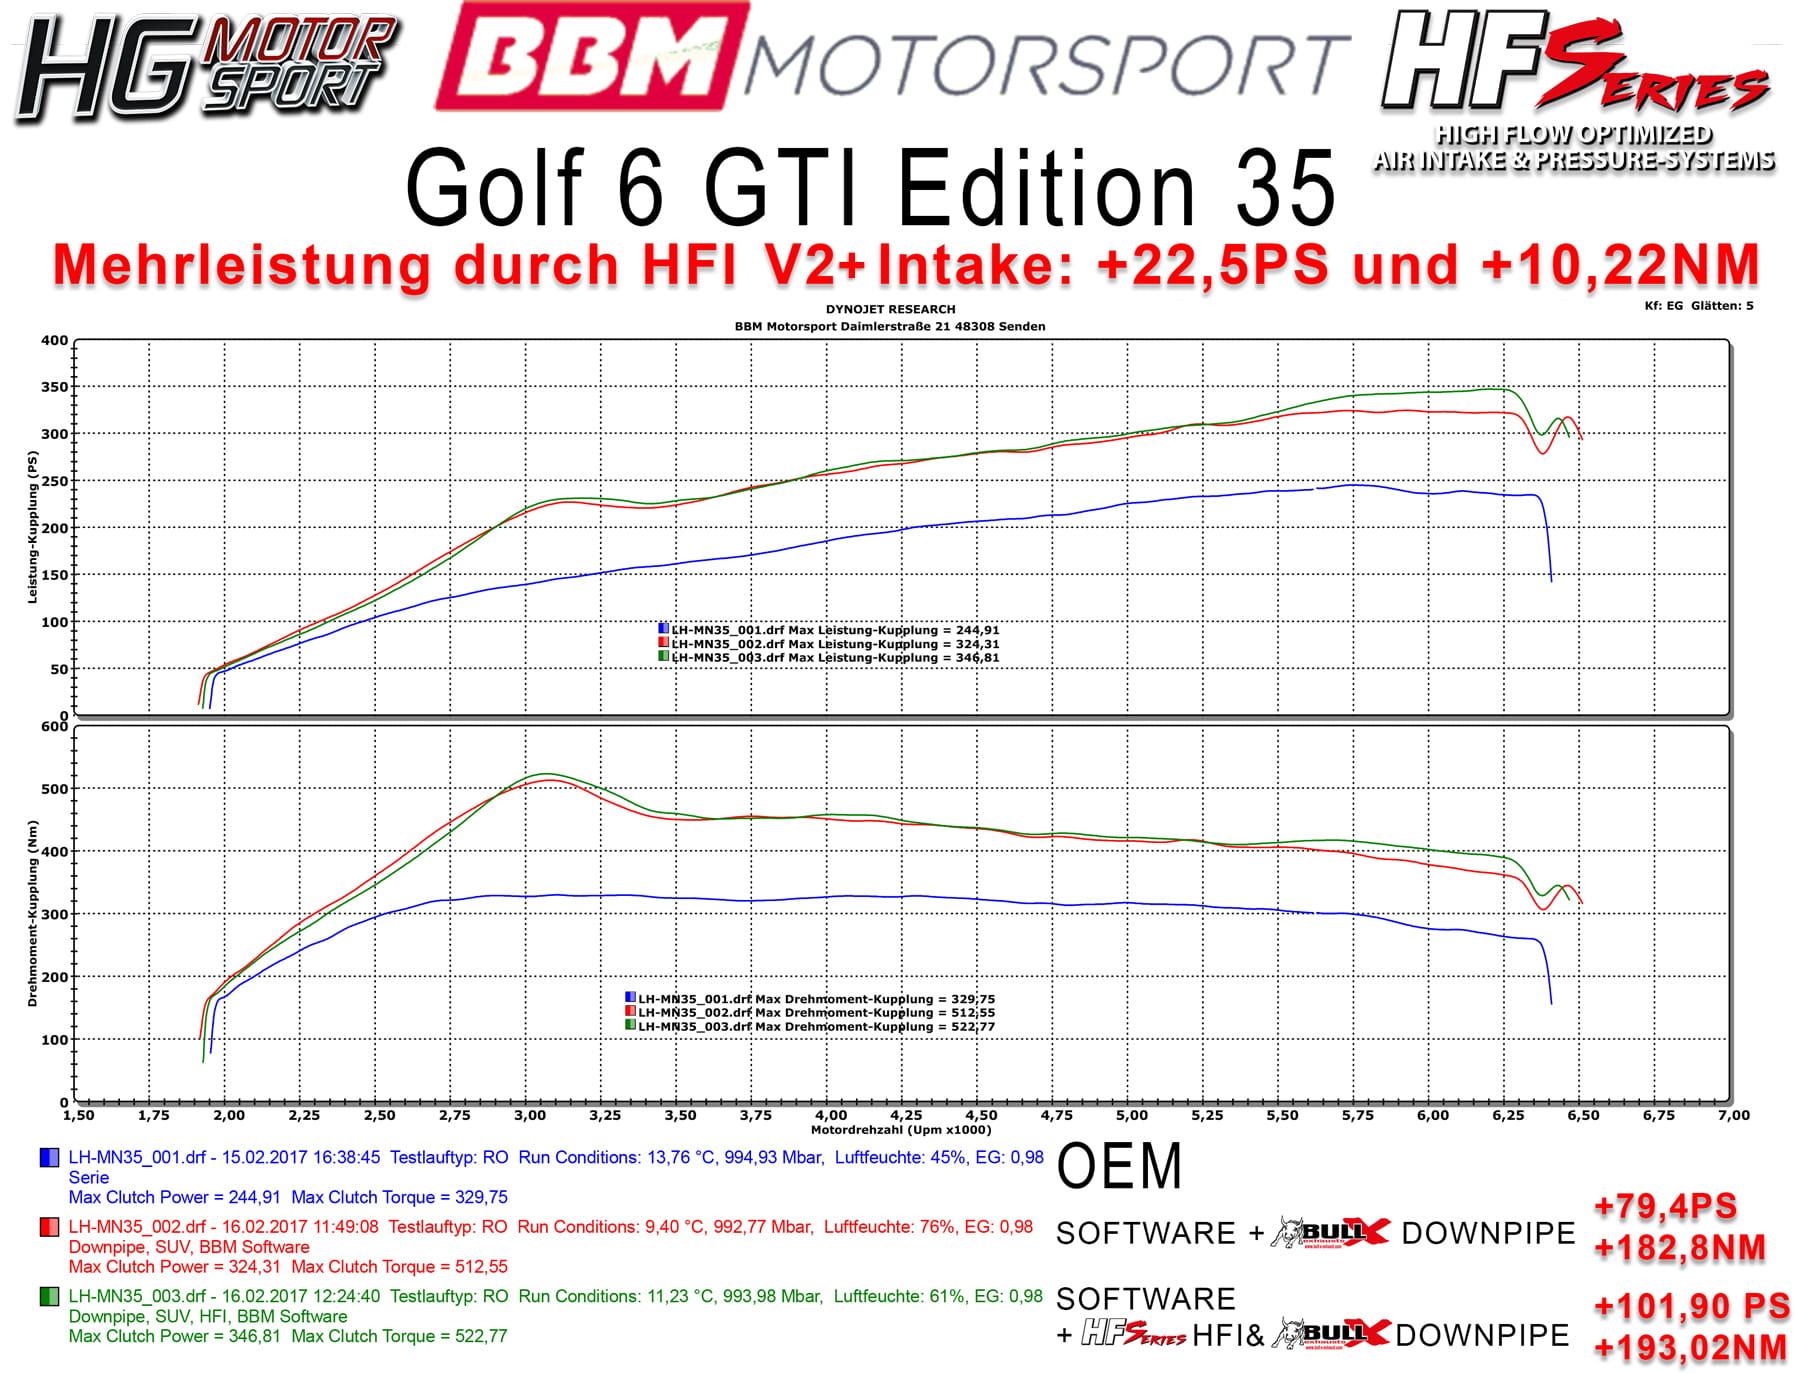 Golf-6-GTI-ED35-DSG_HFI-v2-plus-E4-und-E5